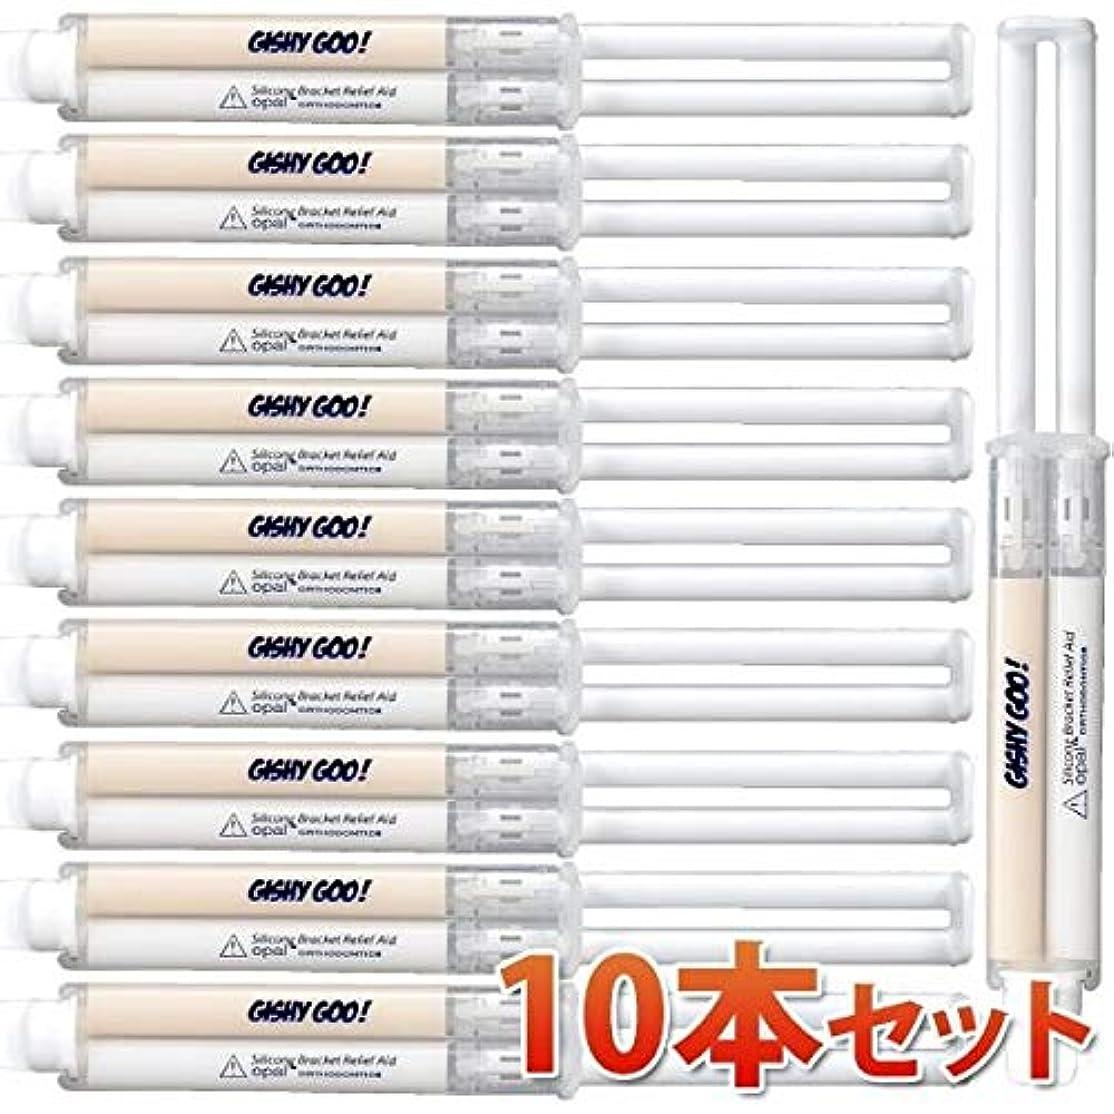 アンケート継承代表するGISHY GOO(ギシ グー)ホワイト 10本(5ml/本)